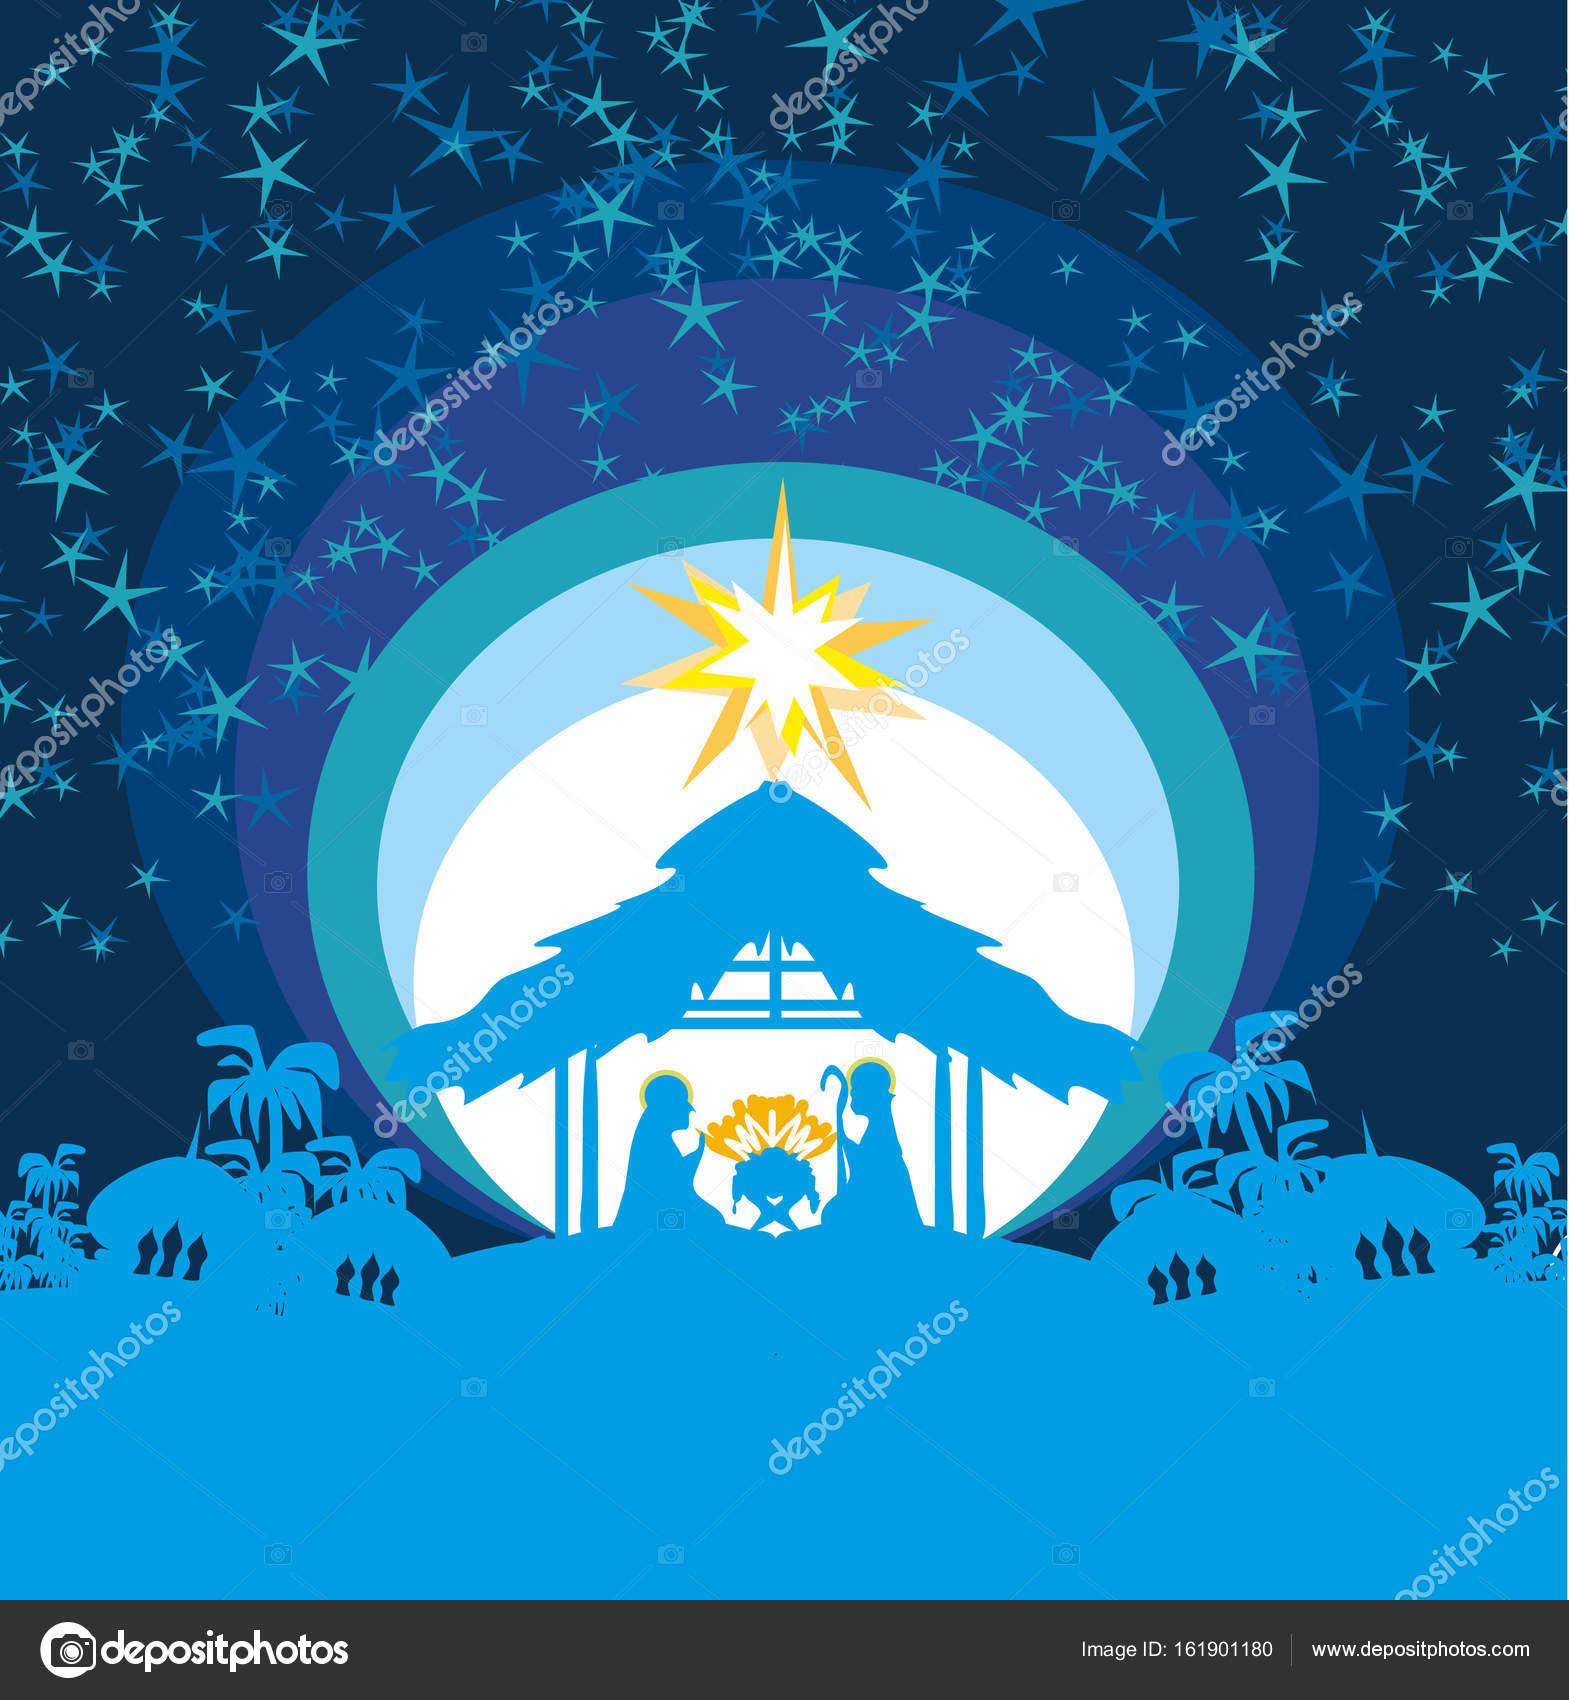 Christliche Bilder Weihnachten.Christliche Weihnachten Krippe Von Baby Jesus In Der Krippe